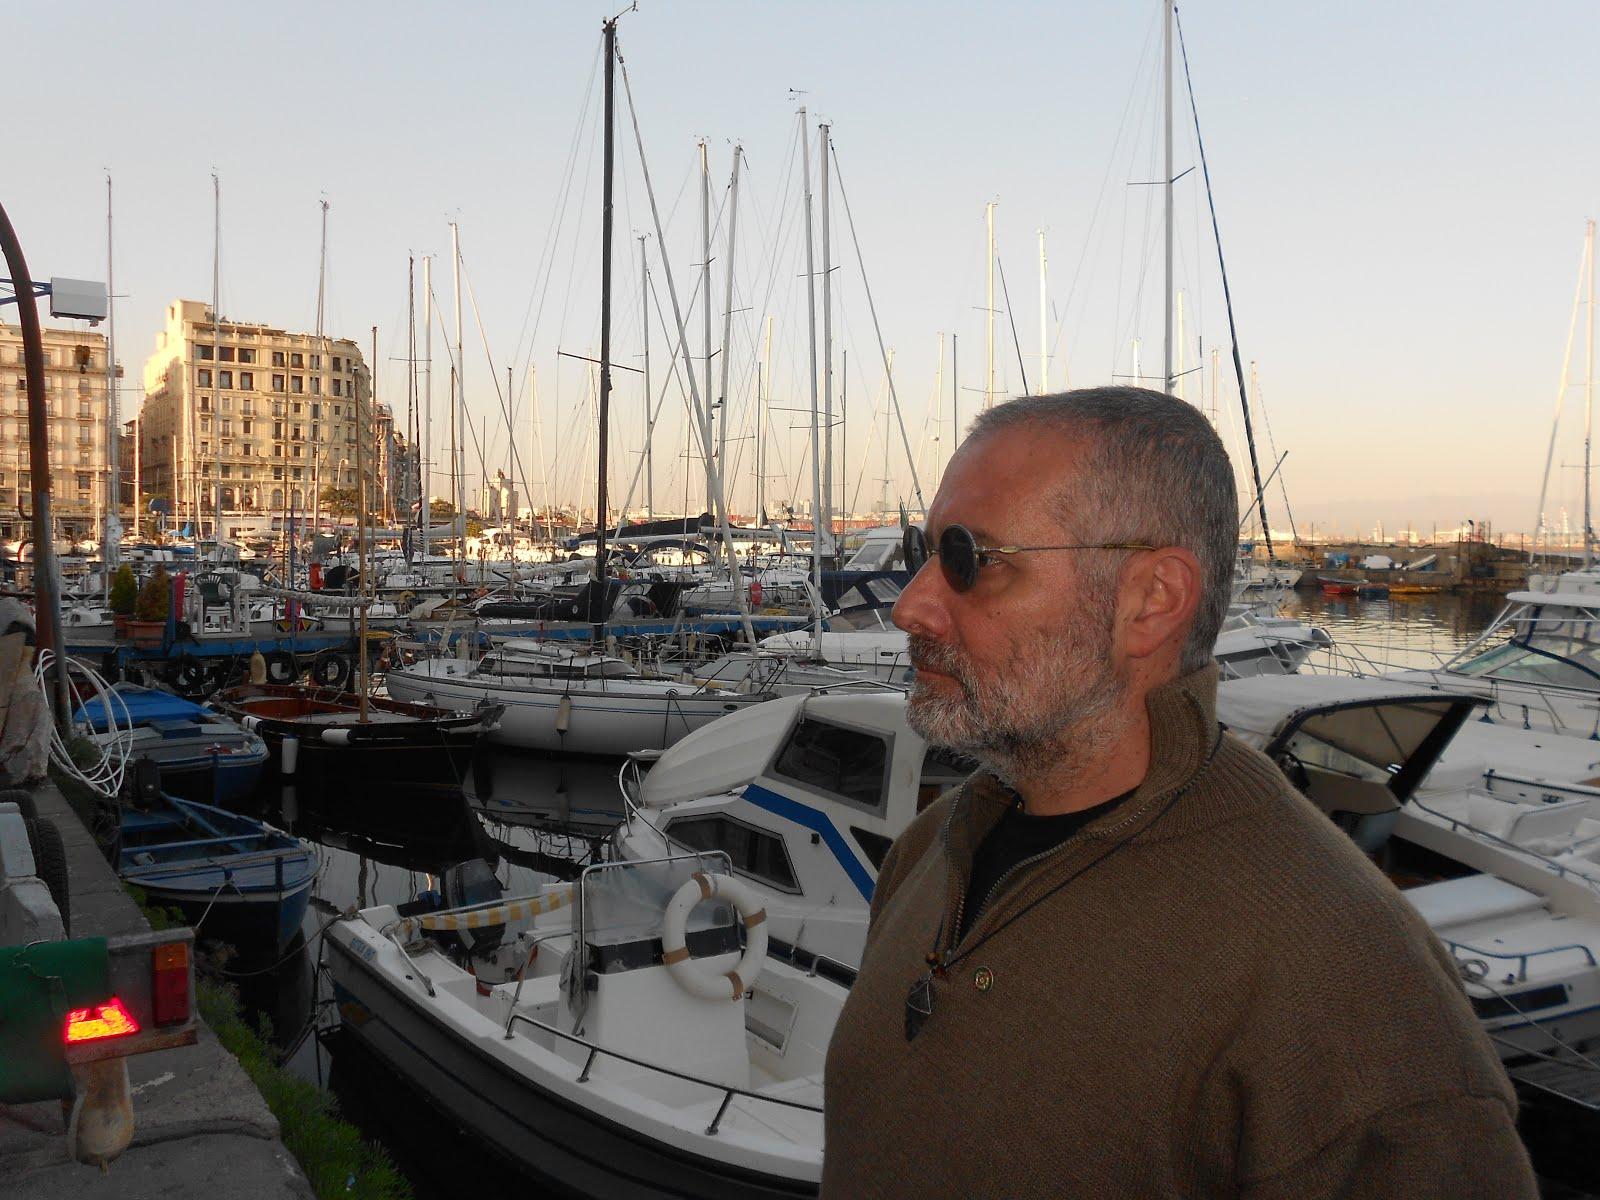 Borgo marinari - S. Lucia